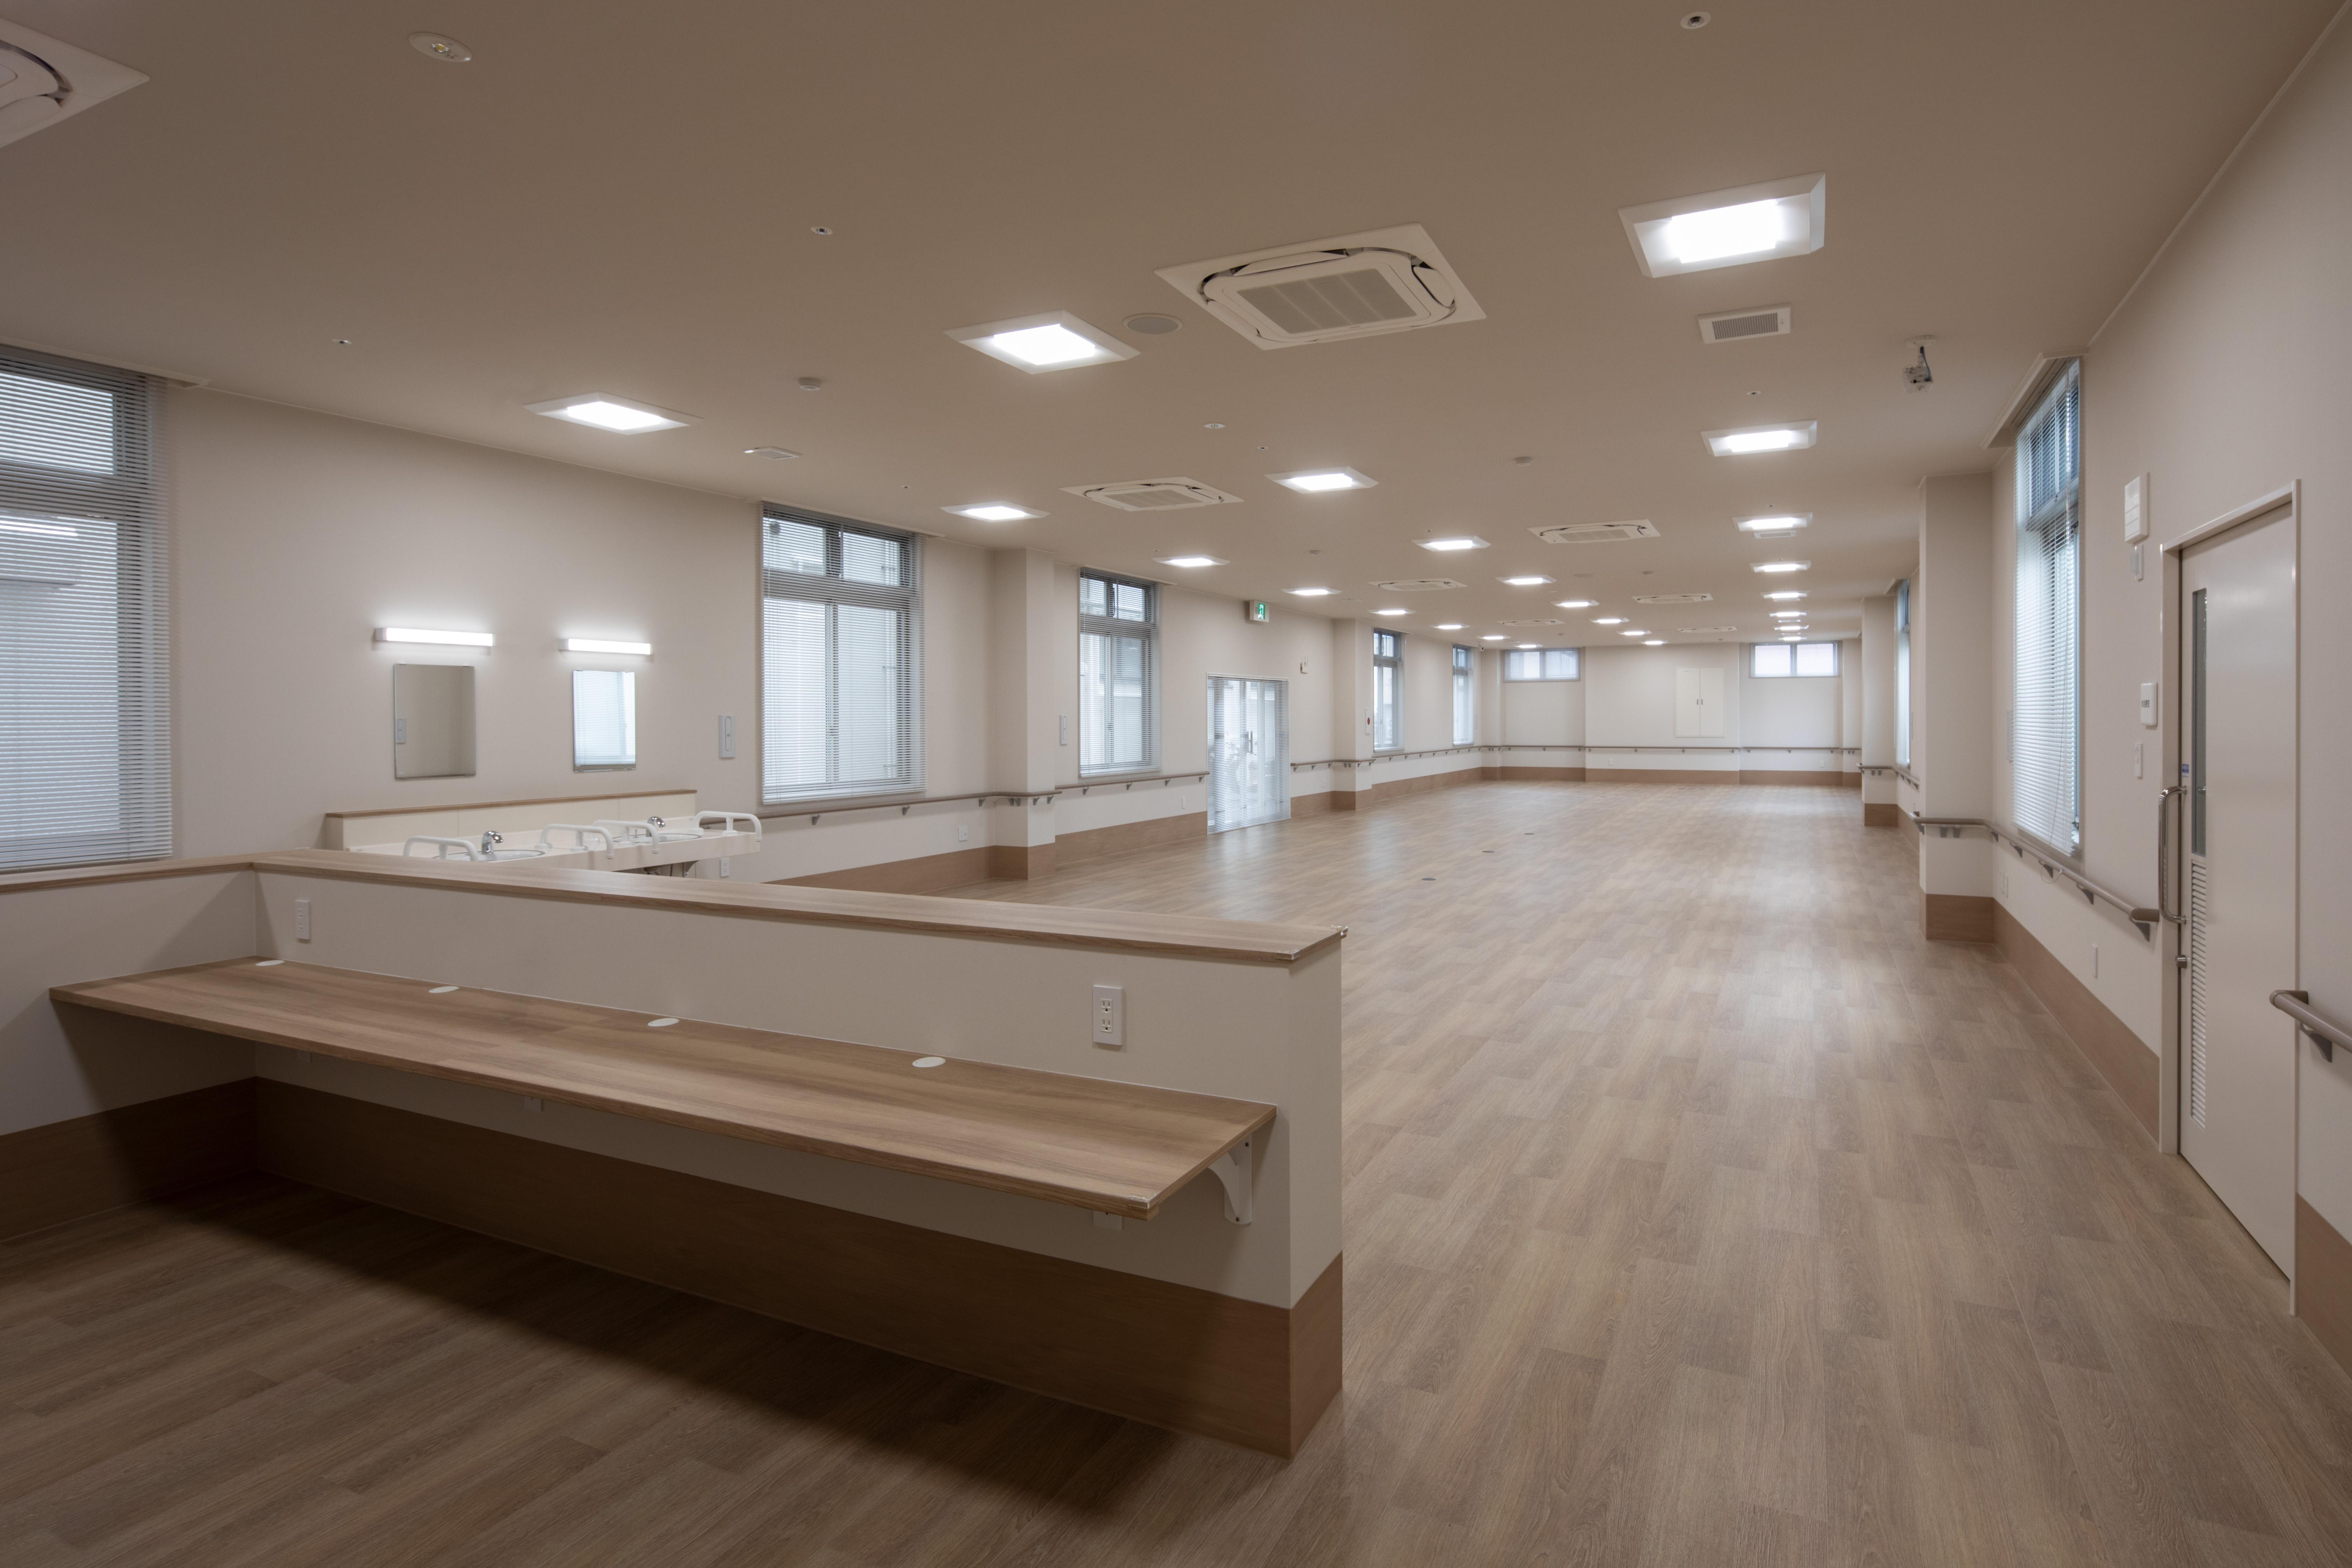 09_1階リハビリテーションセンター